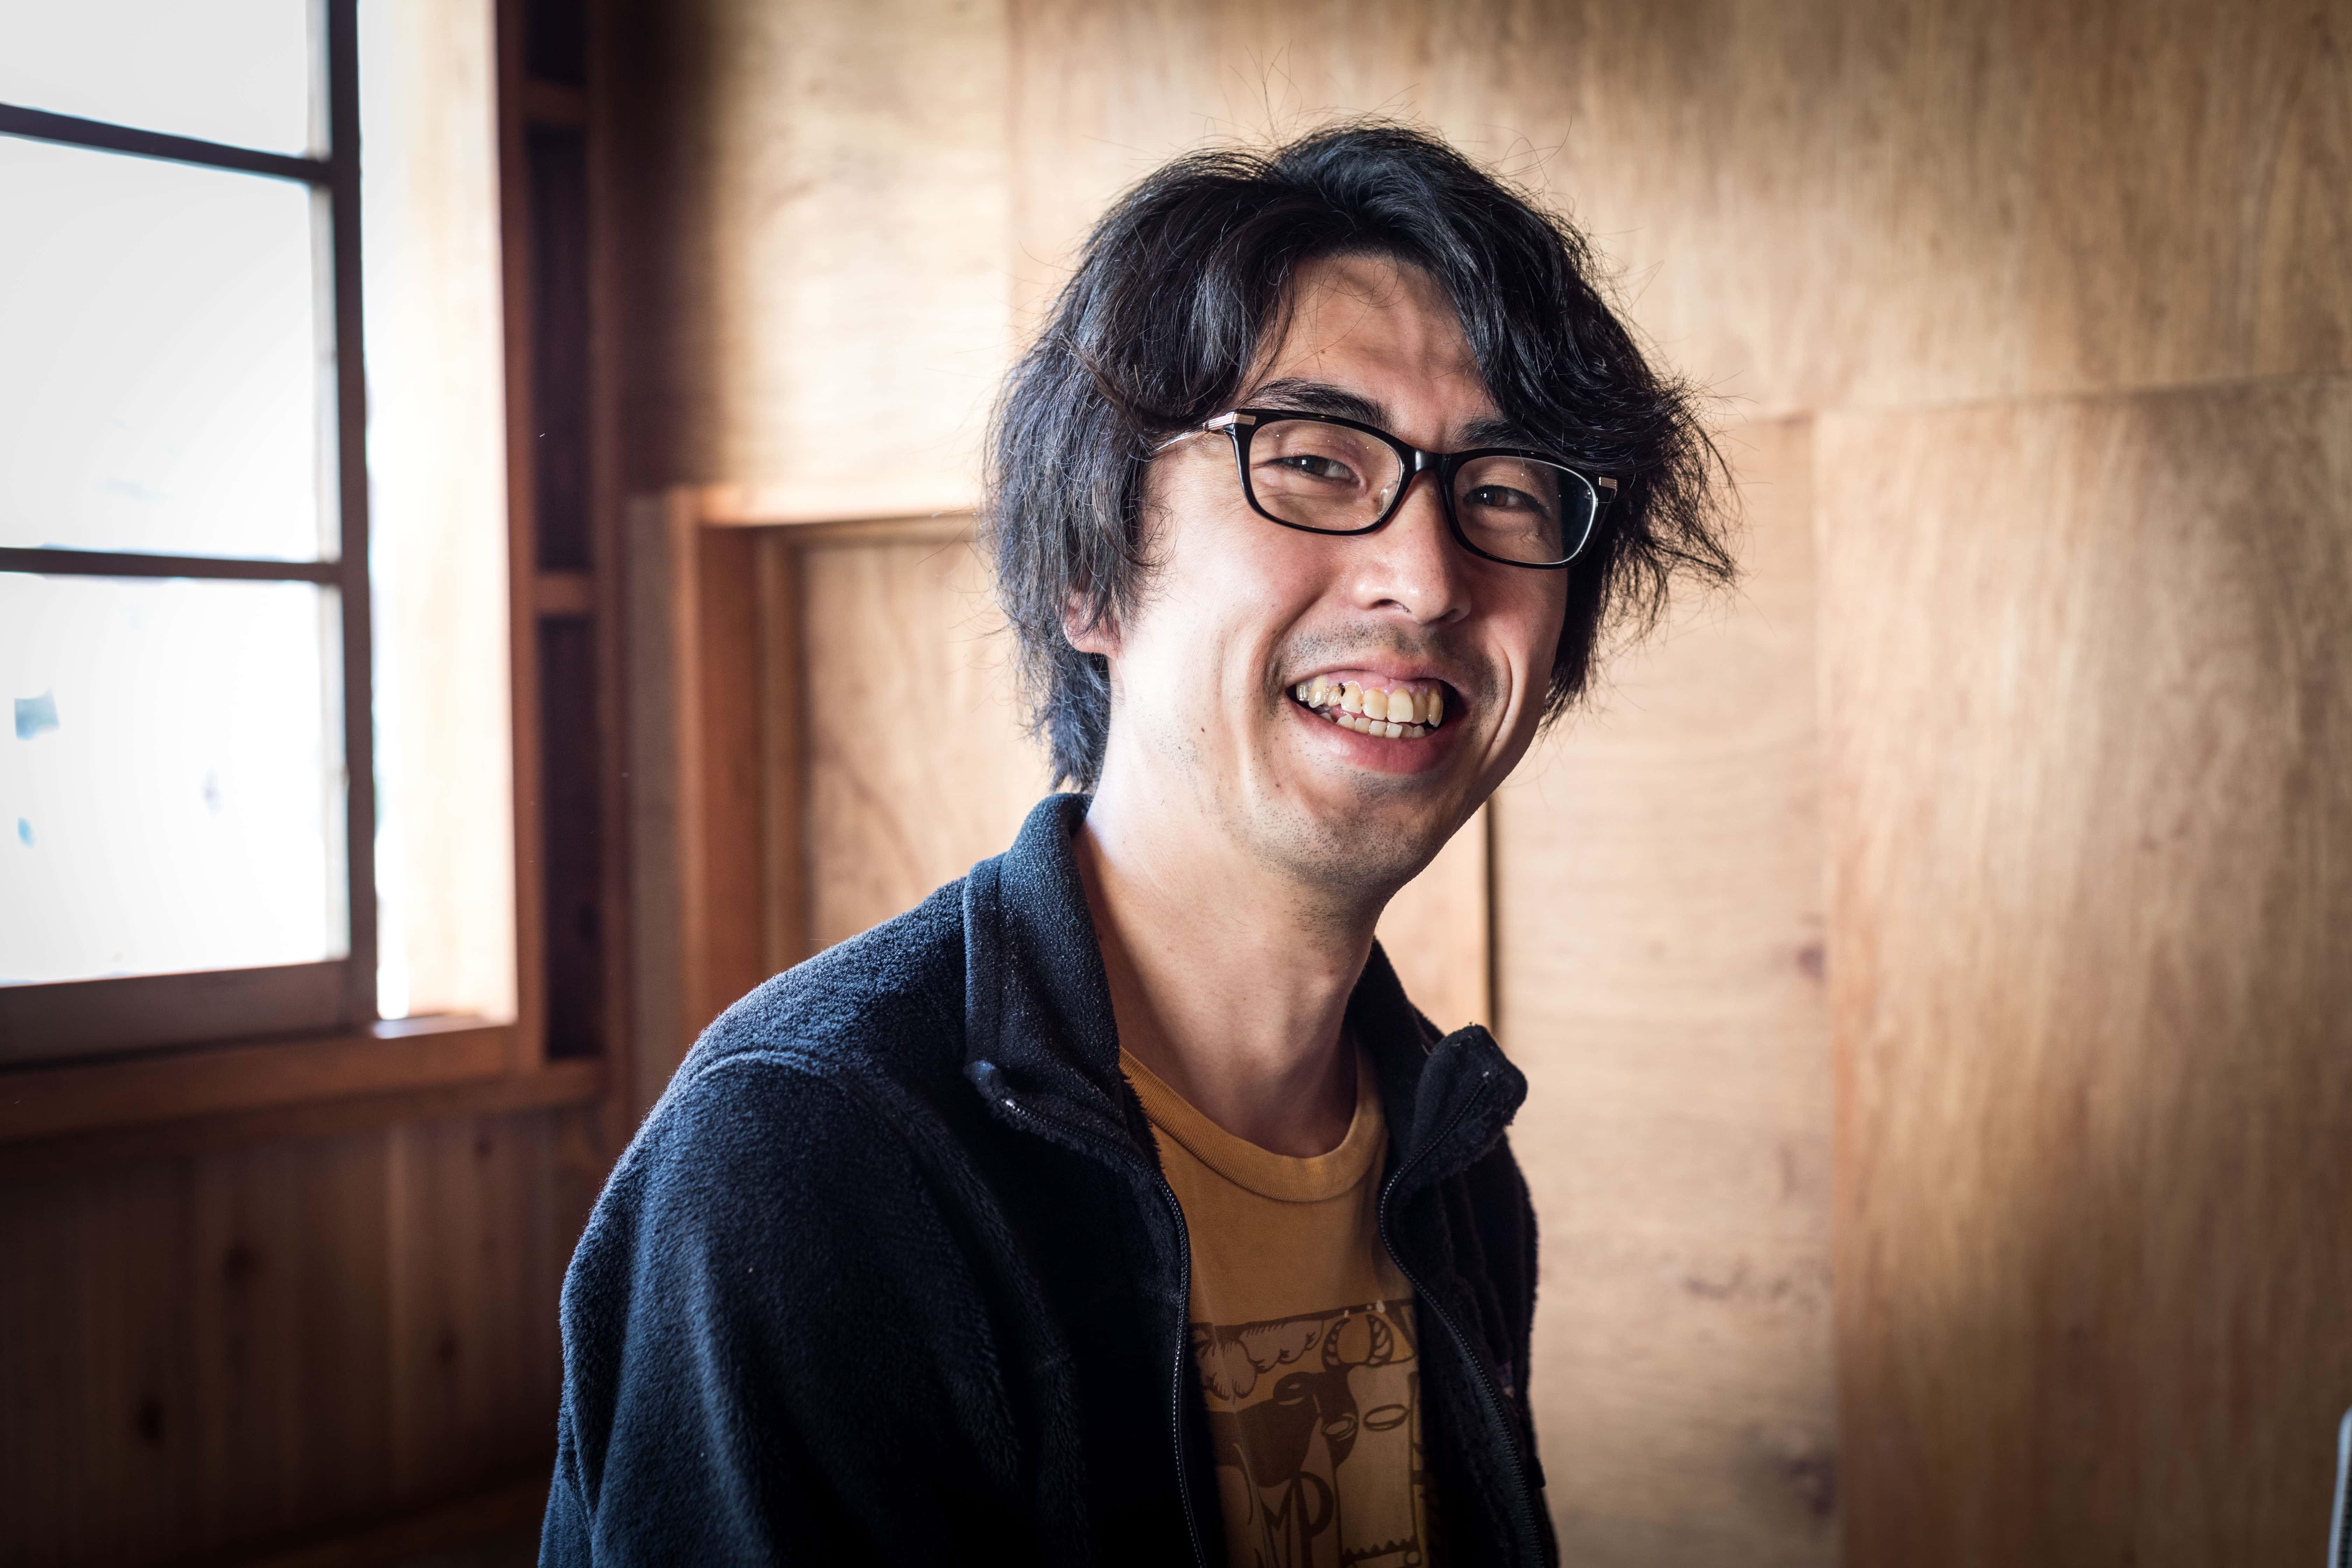 Go to Takafumi Yamashita's profile